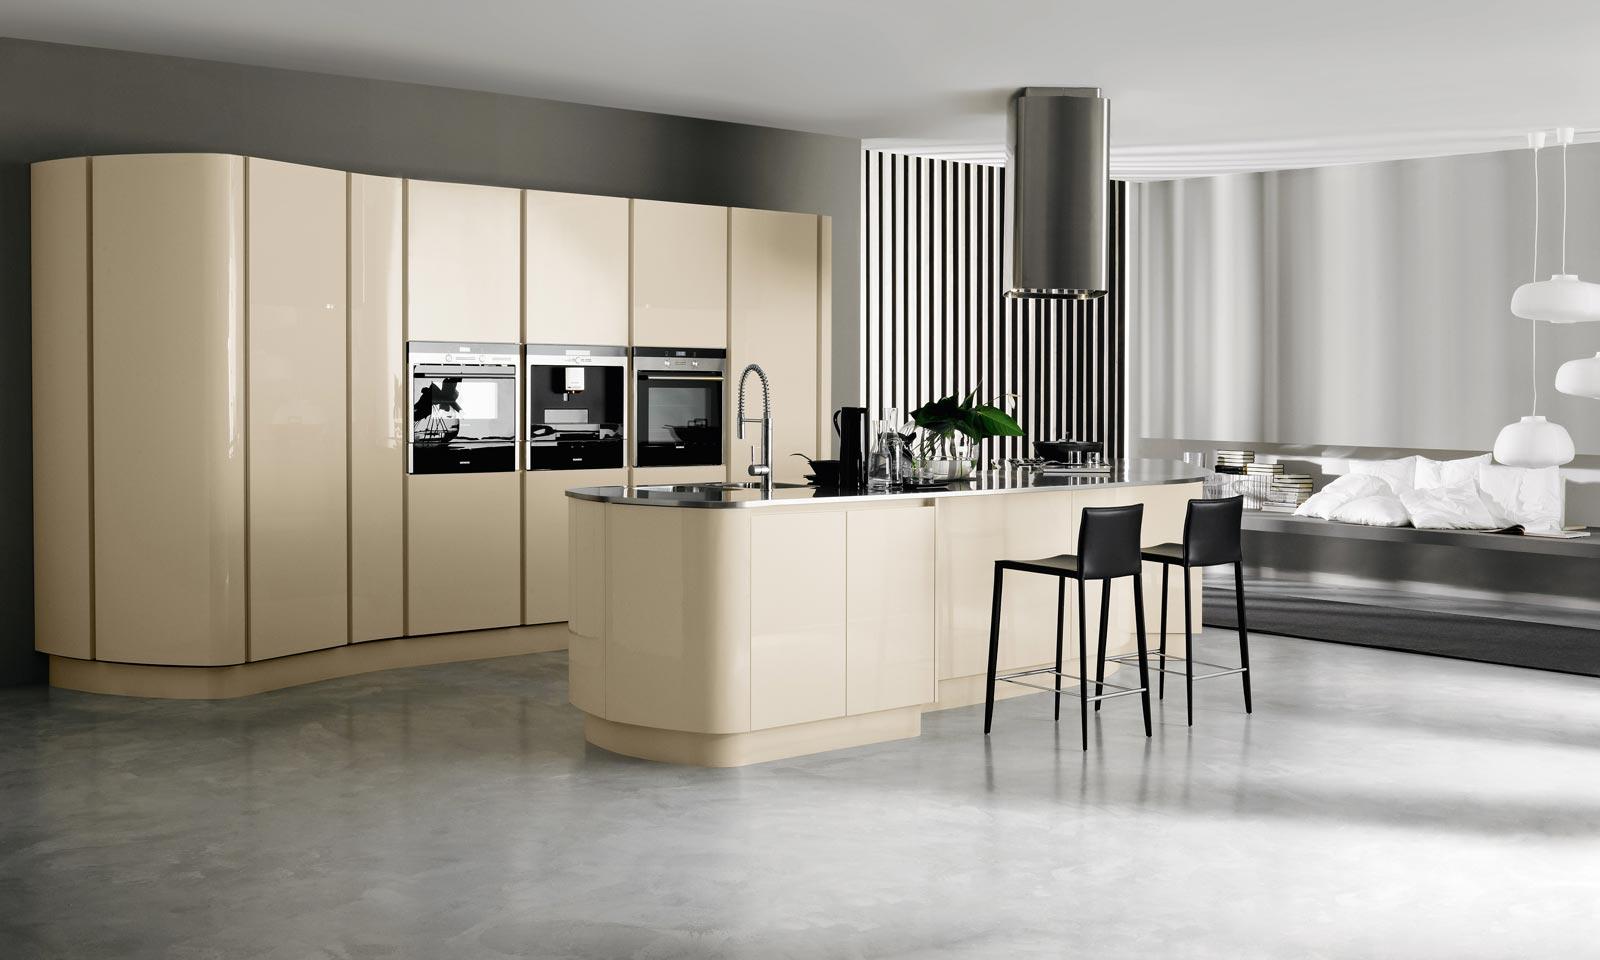 Tư vấn thiết kế nội thất căn hộ chung cư 100m² ở Bình Dương theo phong cách hiện đại, tối giản với chi phí 78 triệu - Ảnh 6.